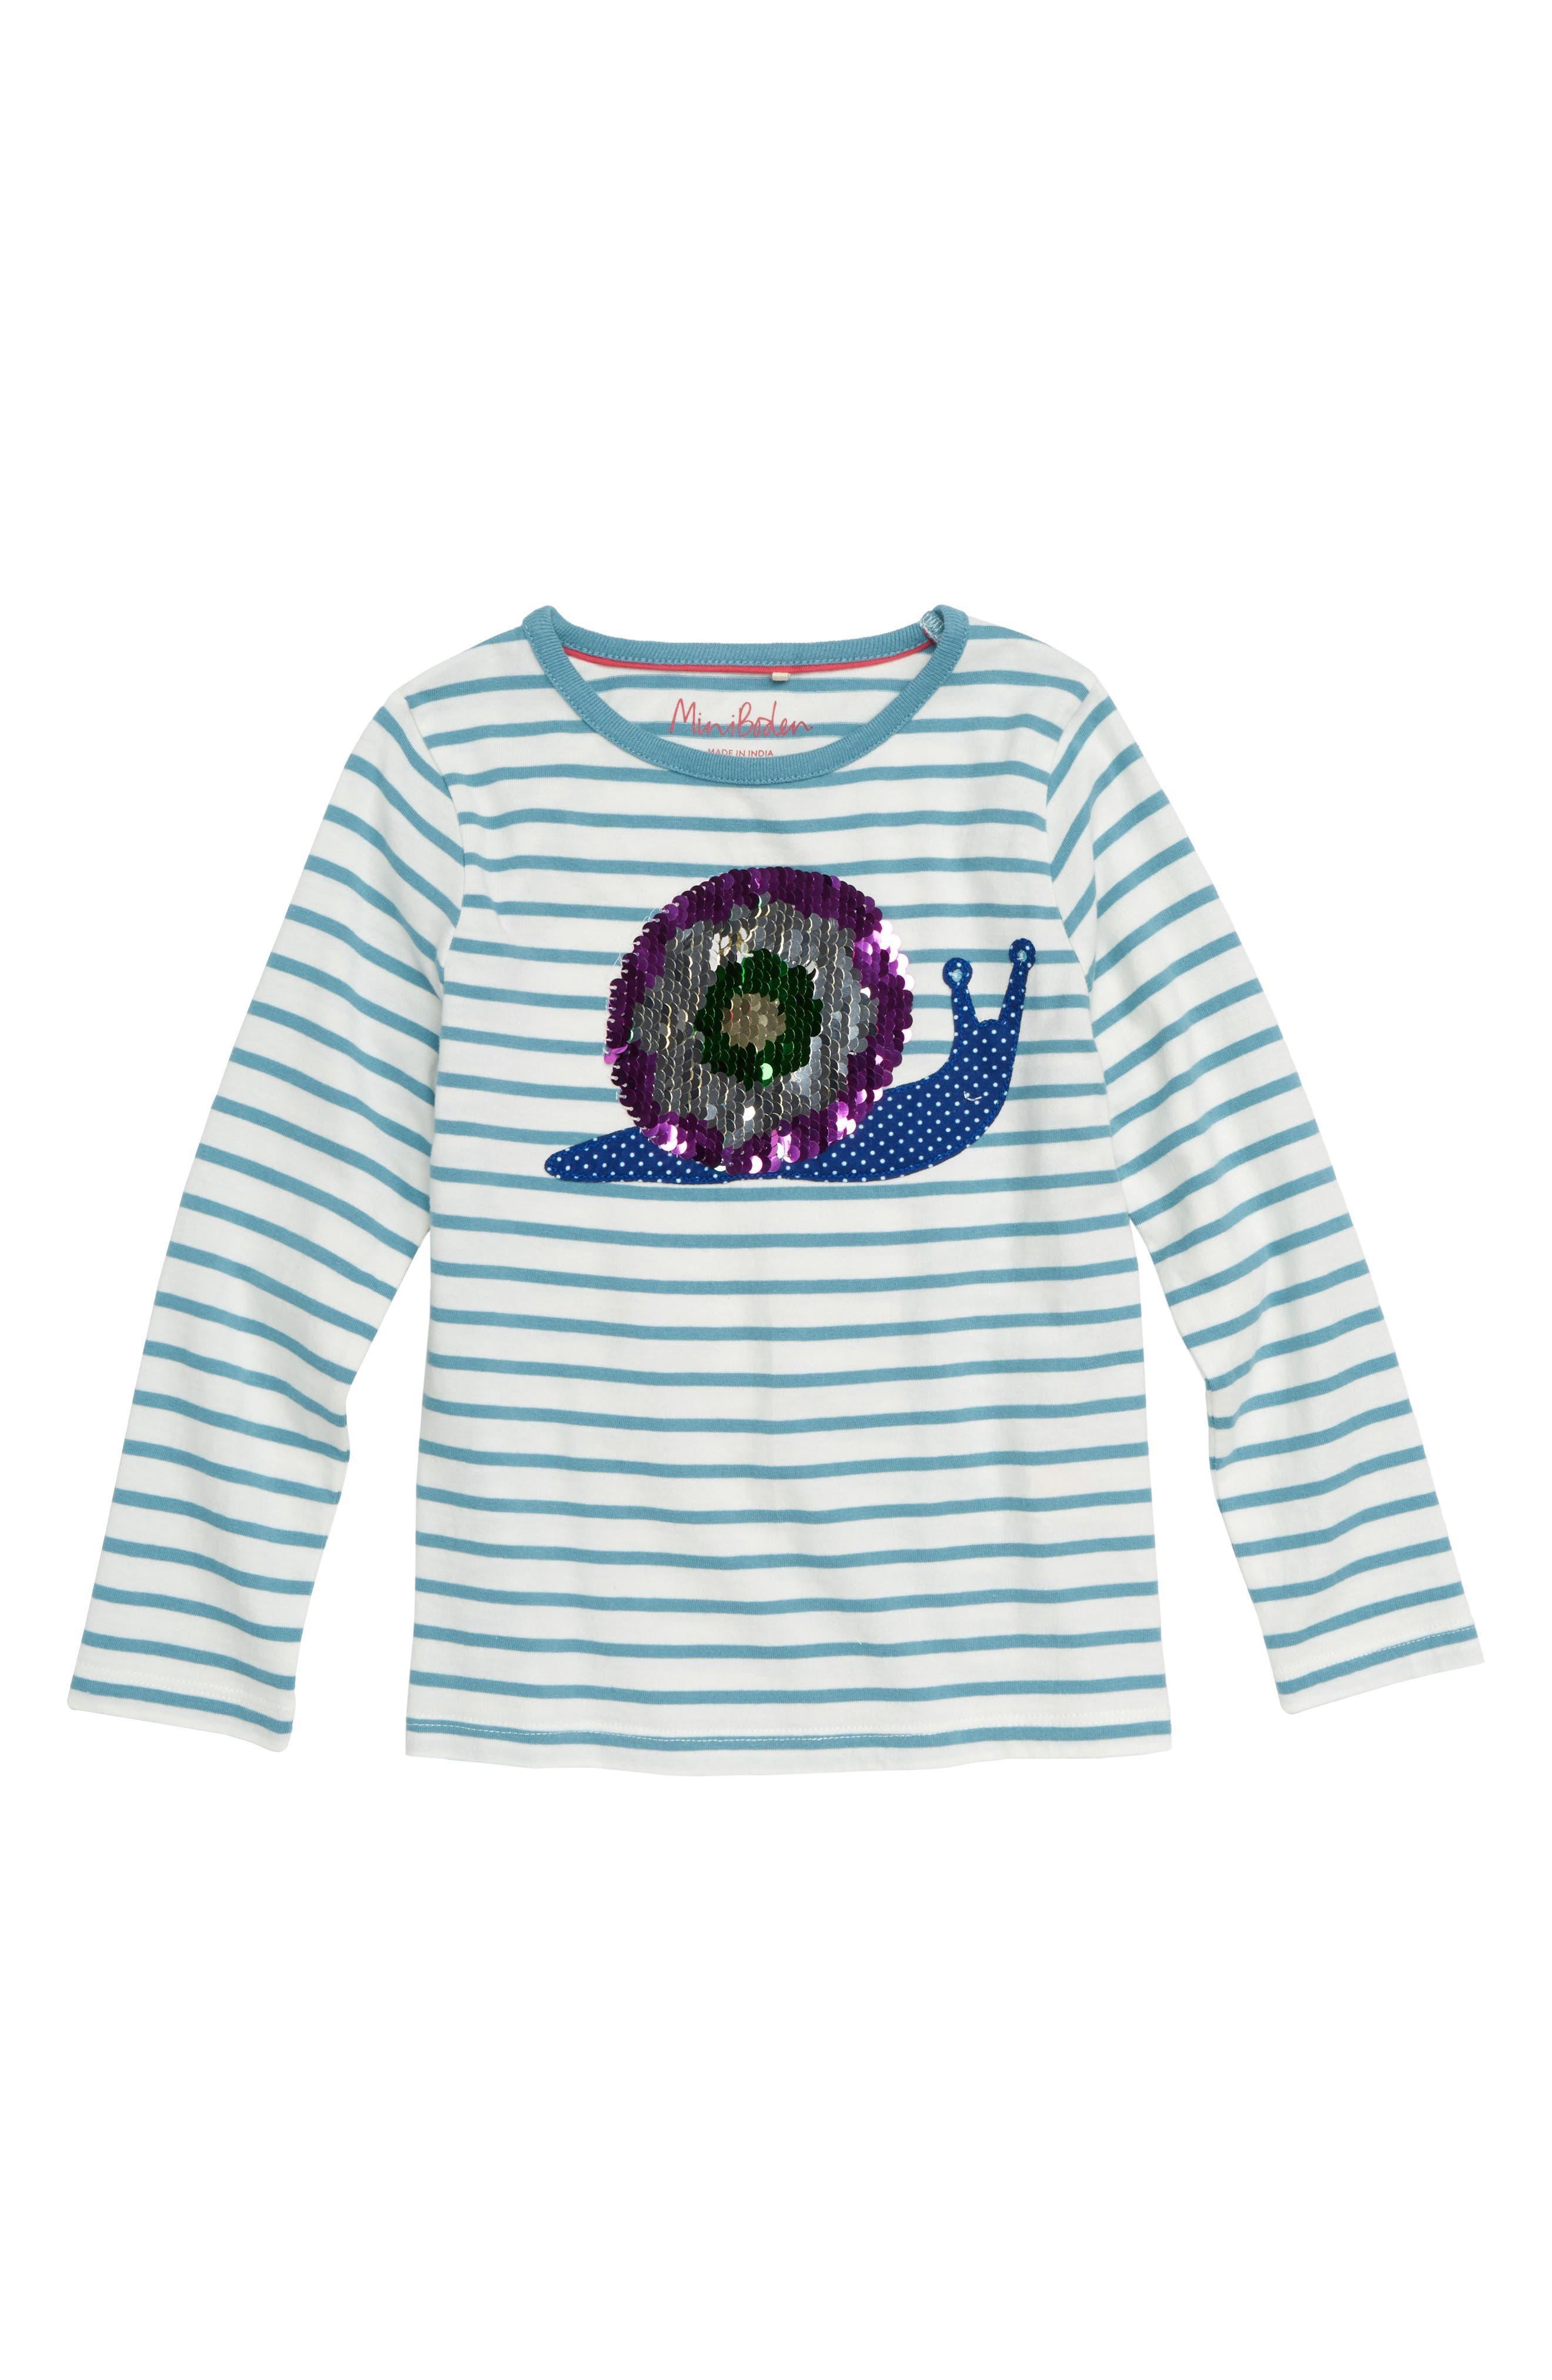 MINI BODEN,                             Sequin Color Change Shirt,                             Alternate thumbnail 2, color,                             454